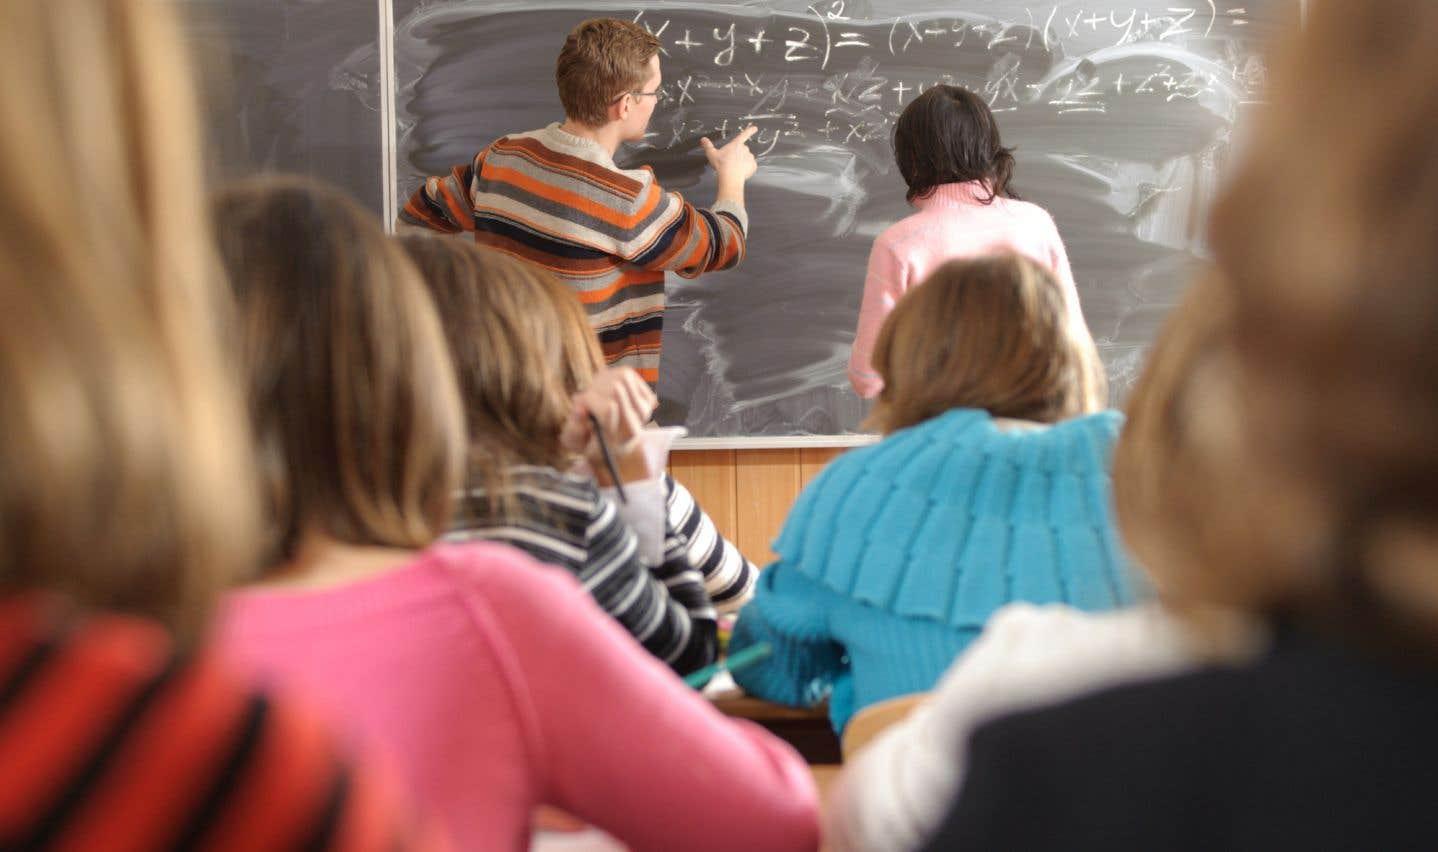 Sous le couvert de l'anonymat, plusieurs professeurs en congé de maladie à la suite d'événements violents confirment s'être sentis «abandonnés» par leur direction.